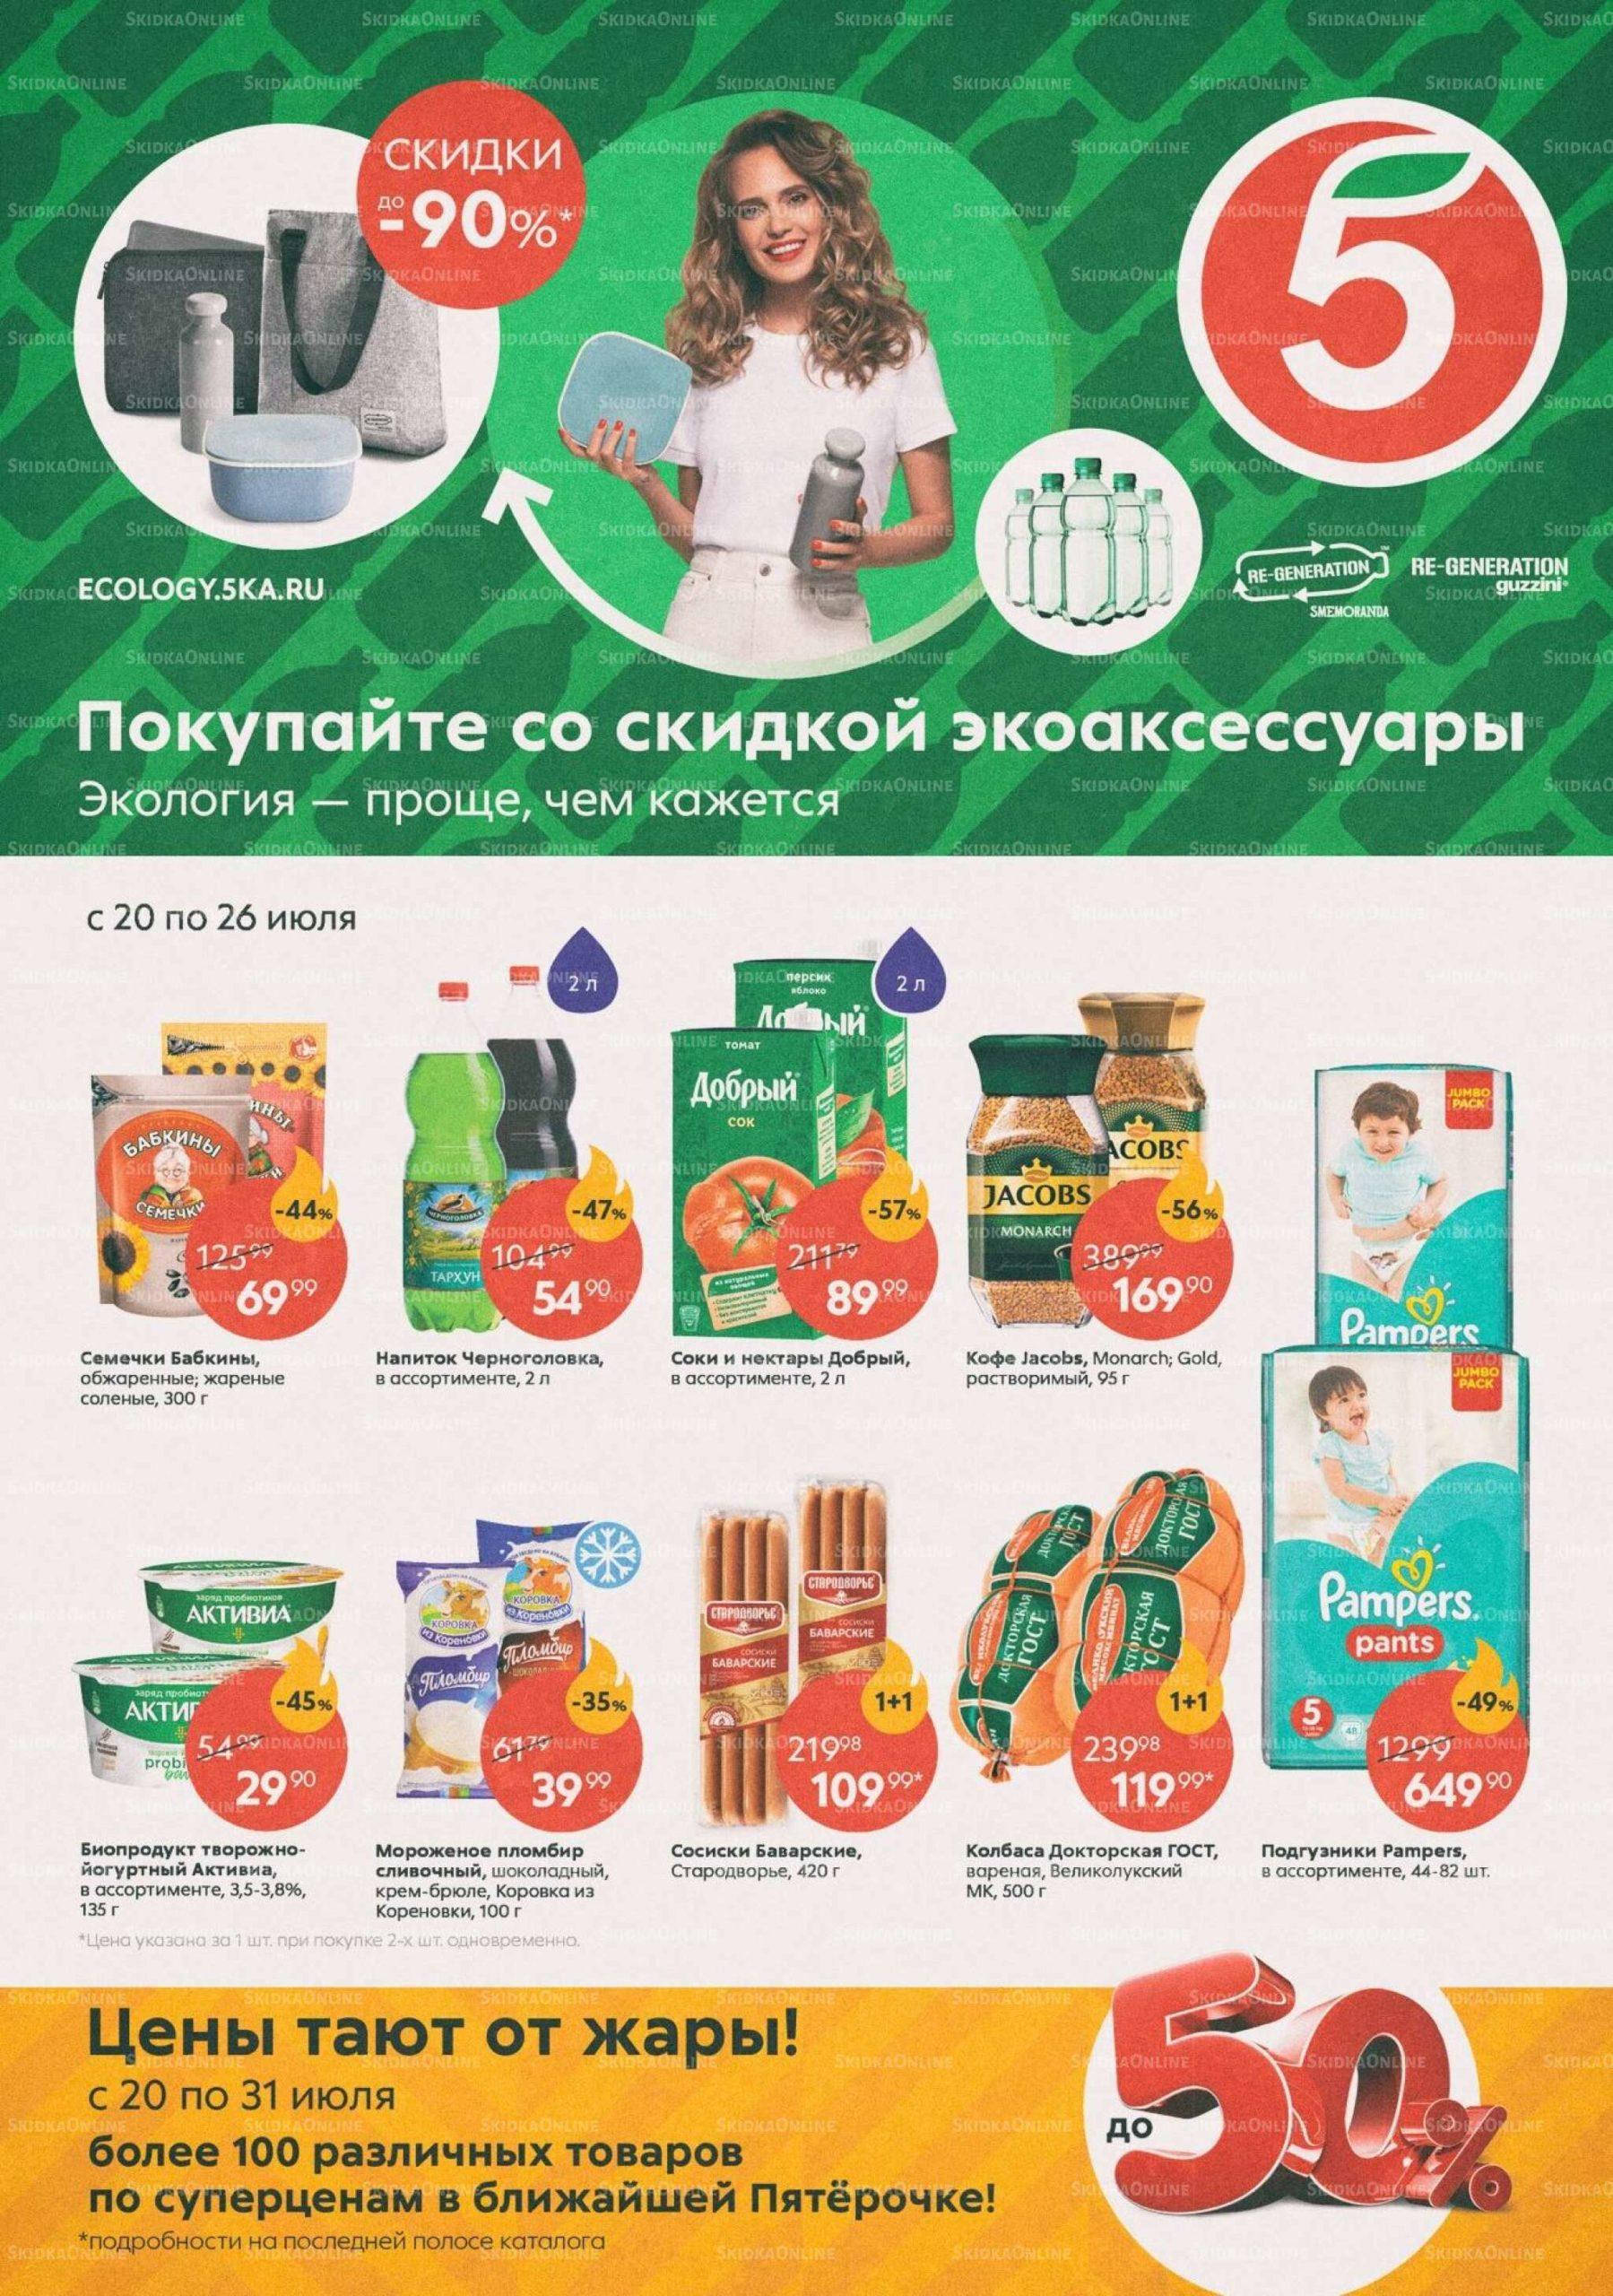 Акции в Пятёрочке с 20 по 26 июля 2021 года